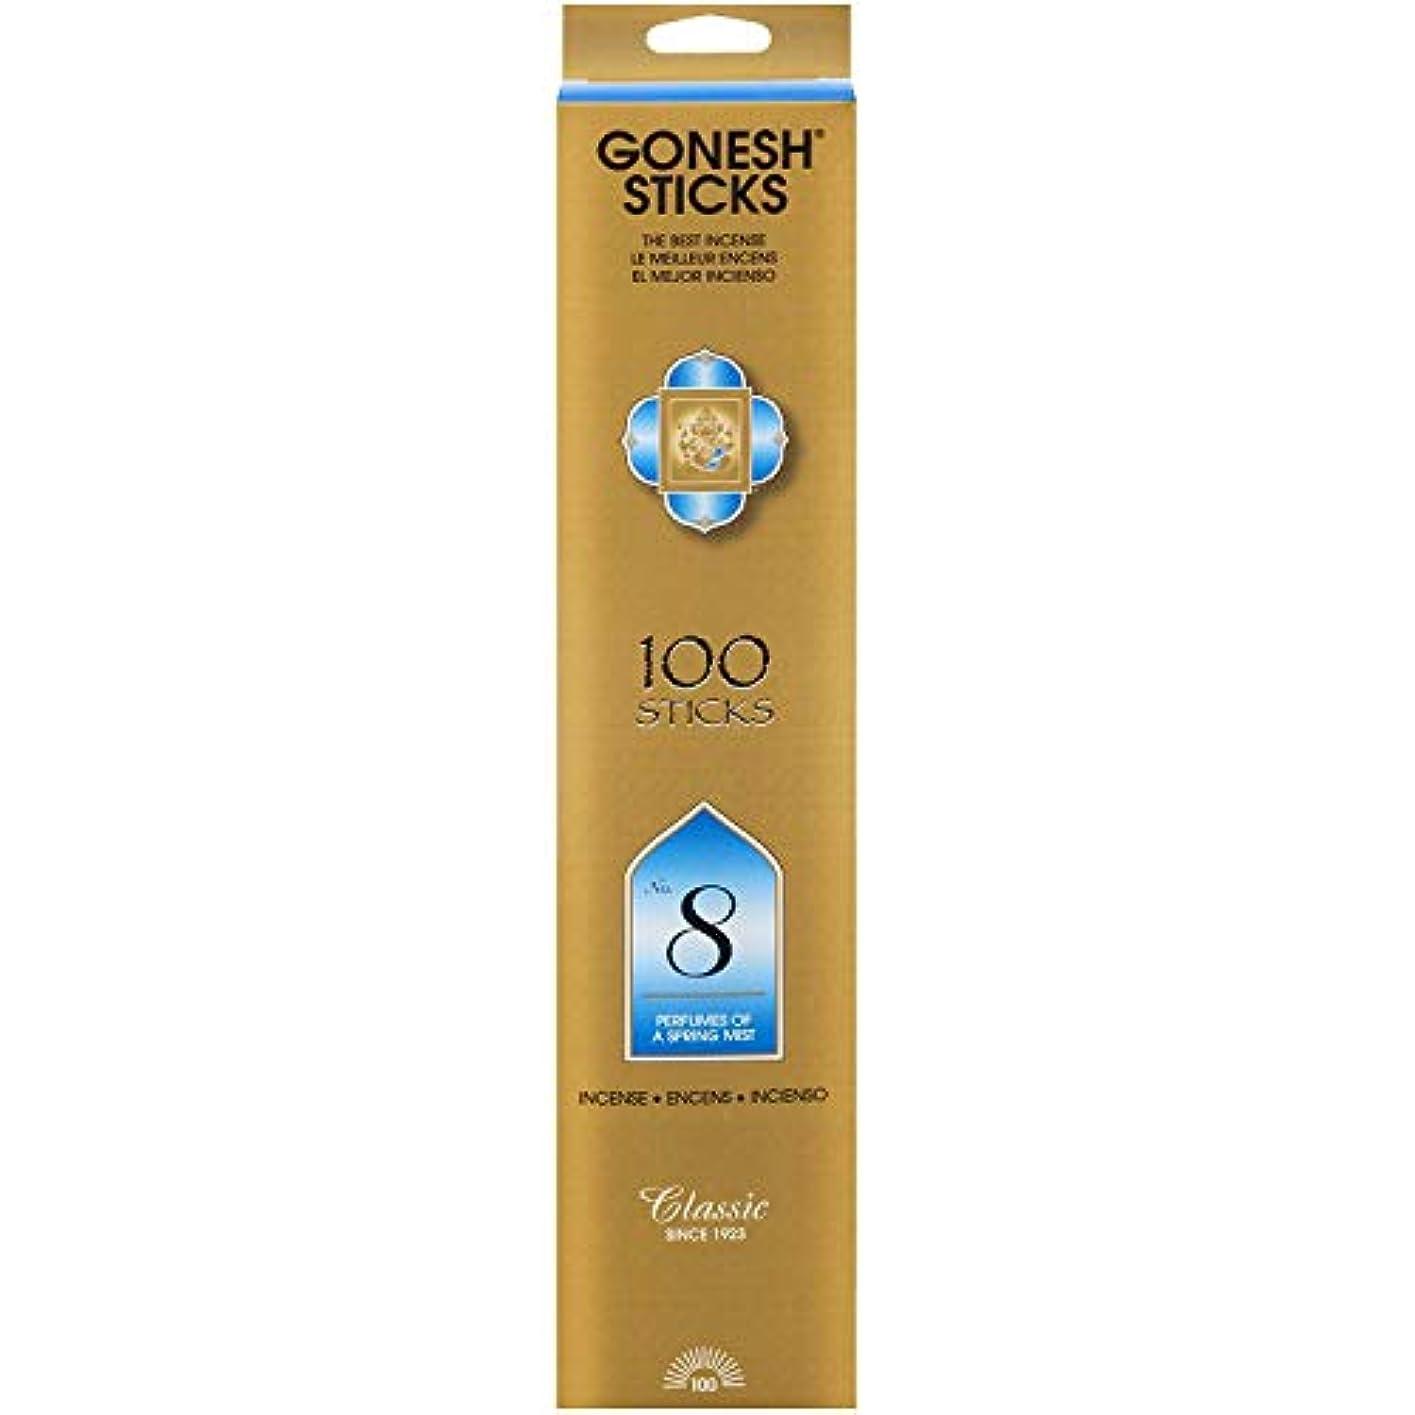 応答十二内なるGONESH インセンス No.8 スティック 100本入 セット販売 (2個)